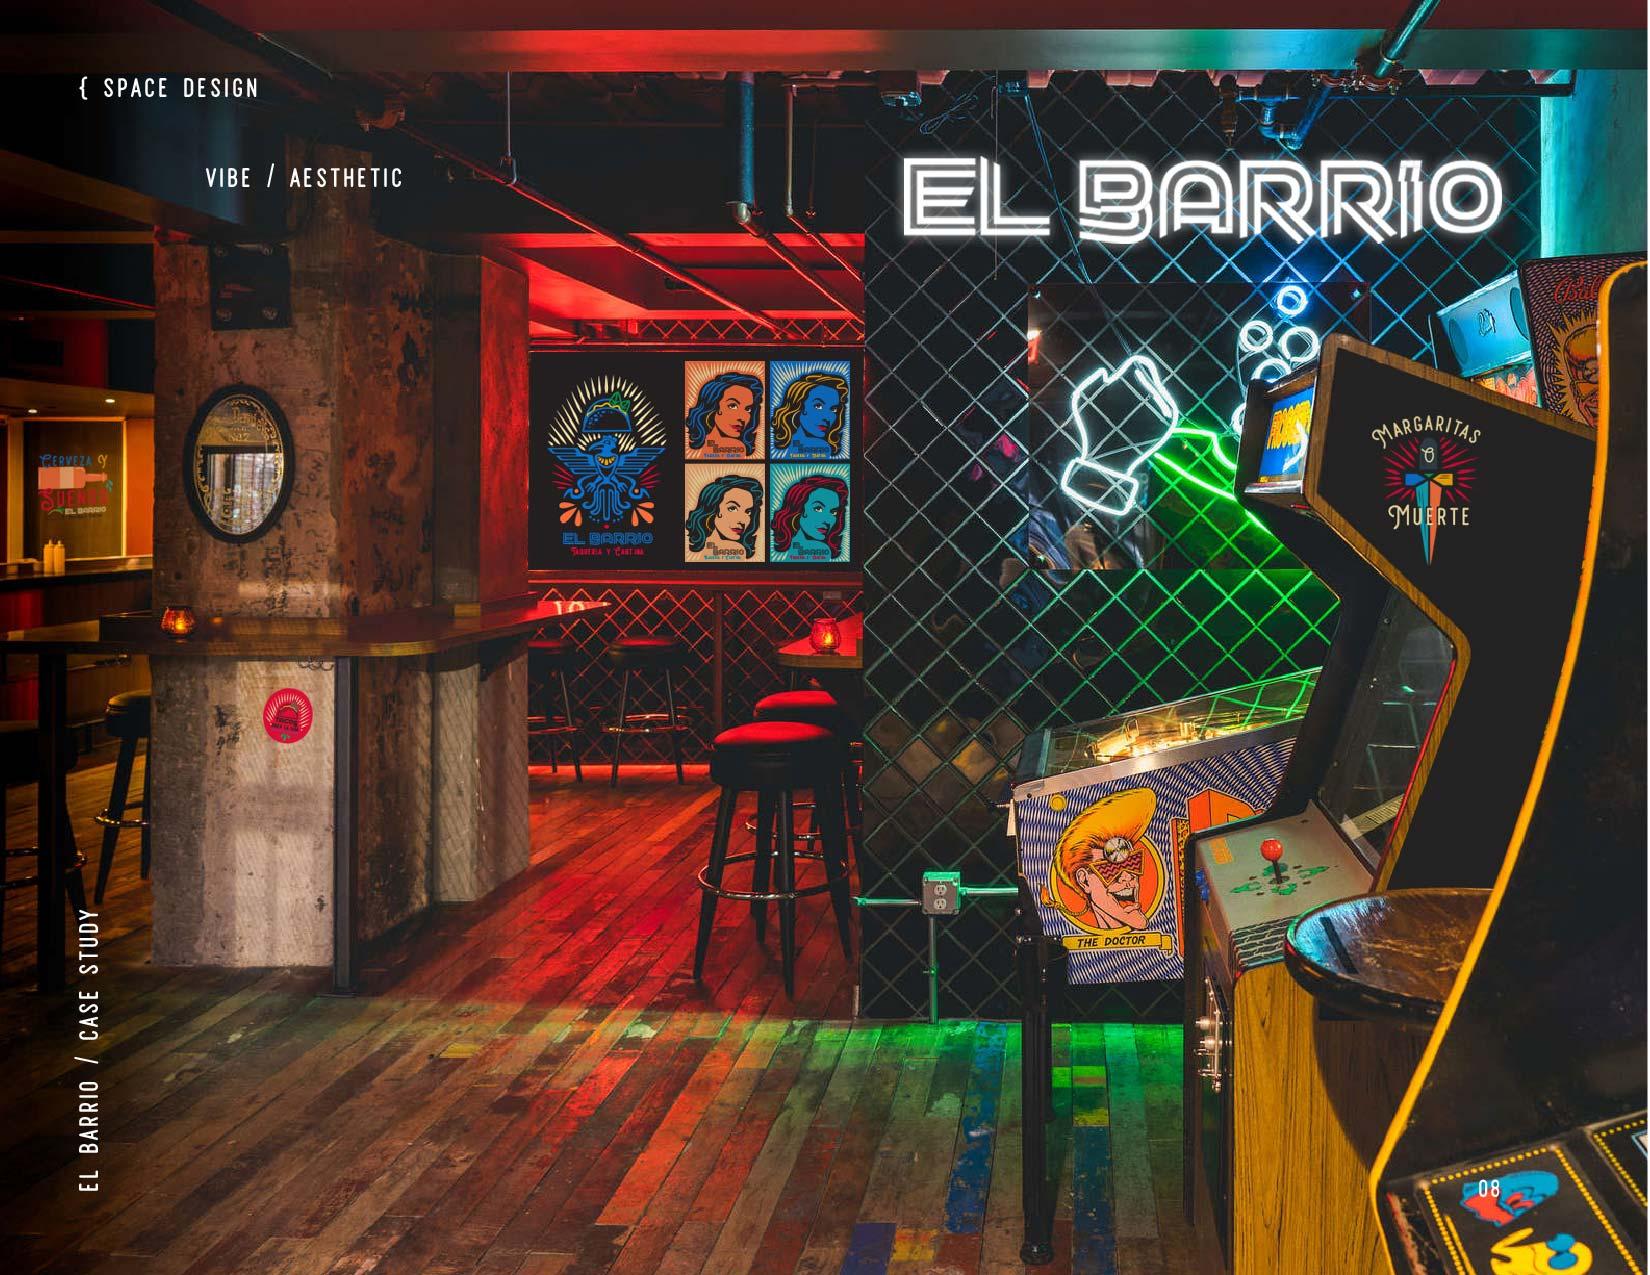 El Barrio_Case Study-09.jpg